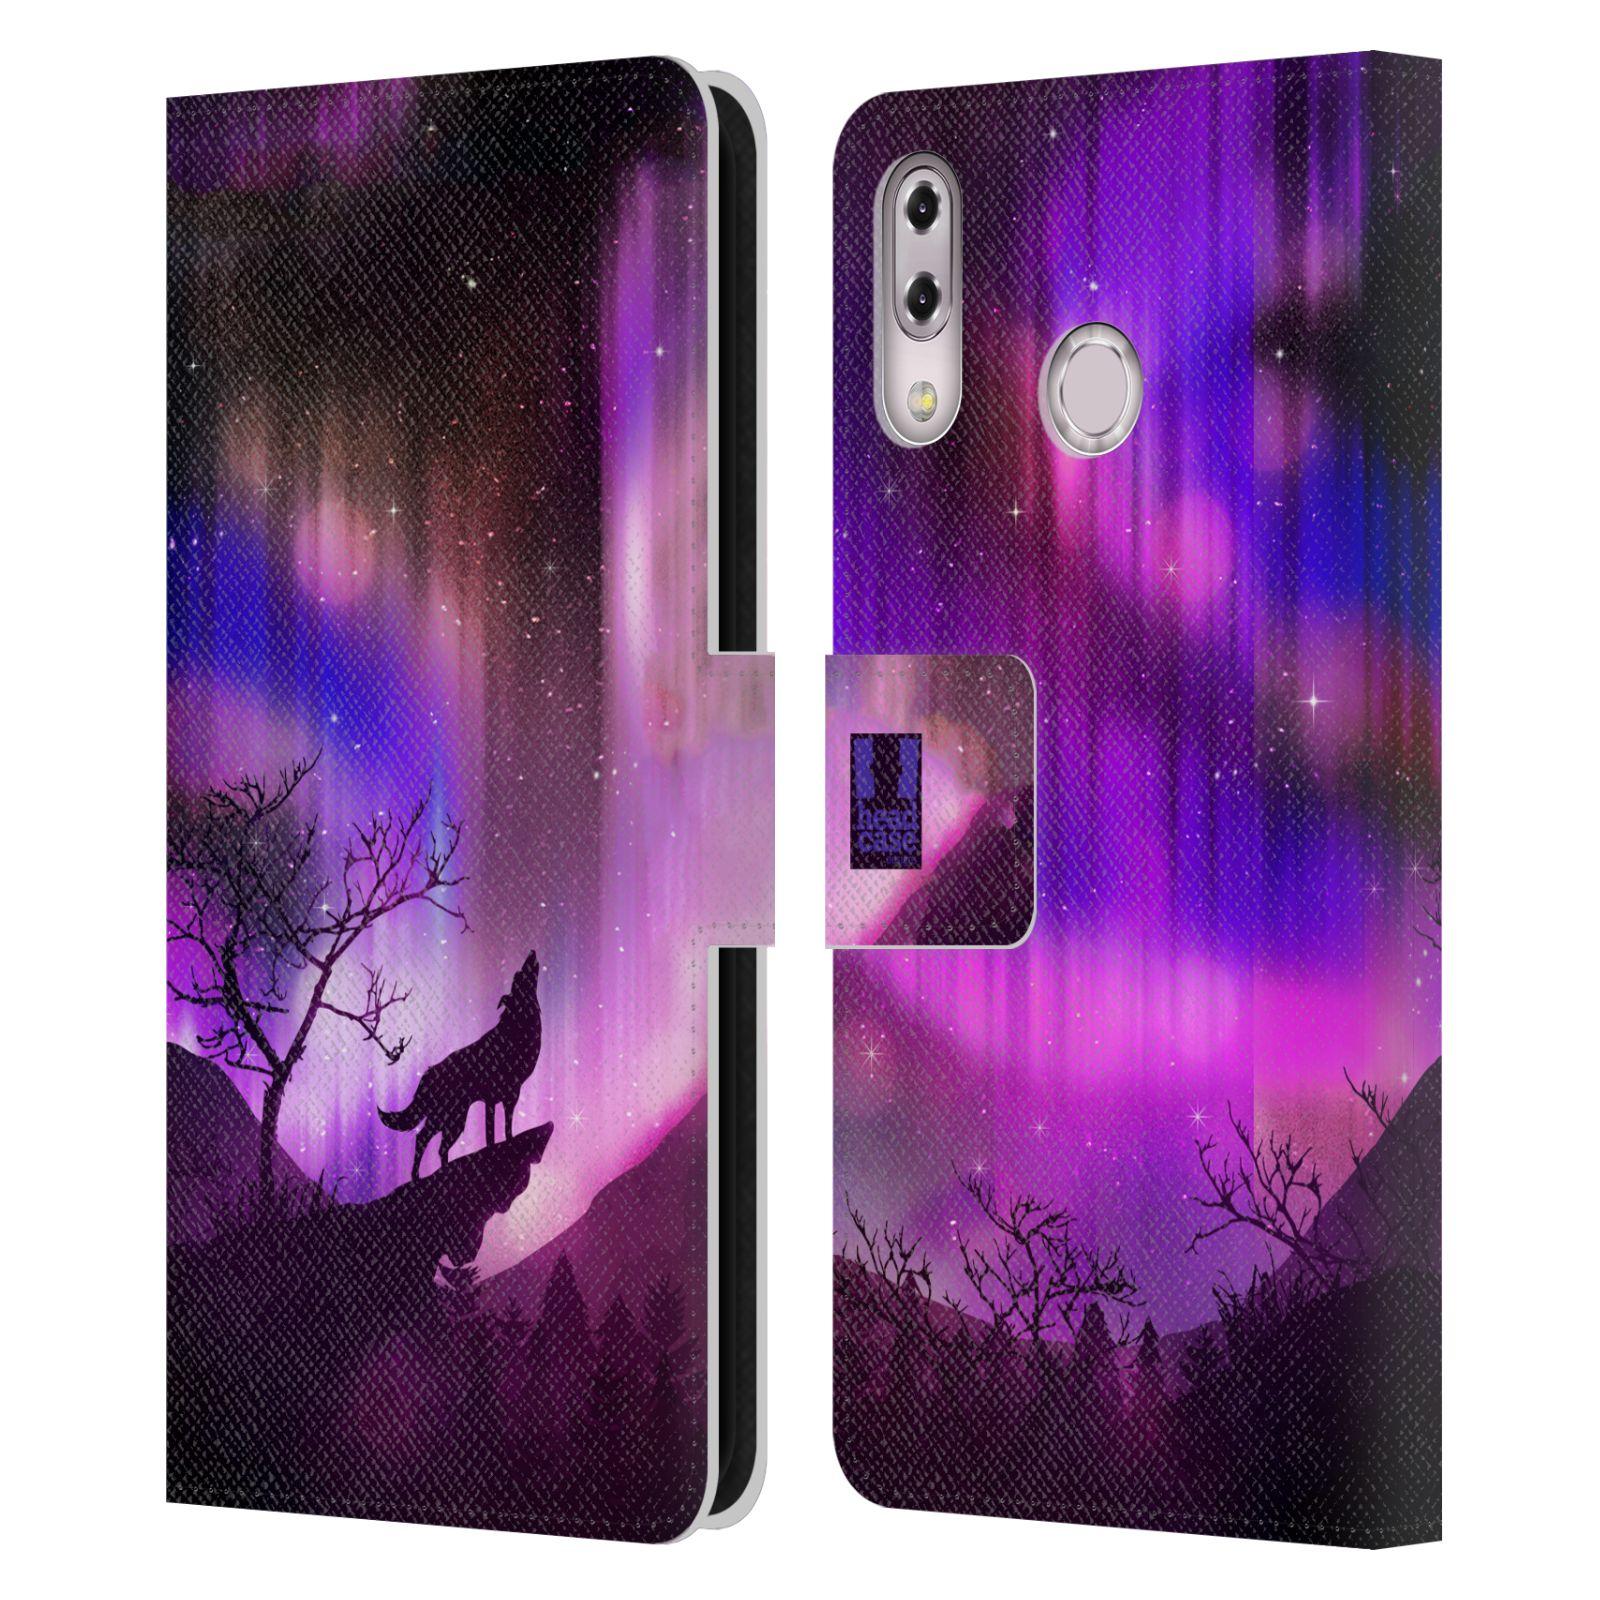 Pouzdro na mobil Asus Zenfone 5z ZS620KL / 5 ZE620KL - Head Case - vlk a polární záře fialová